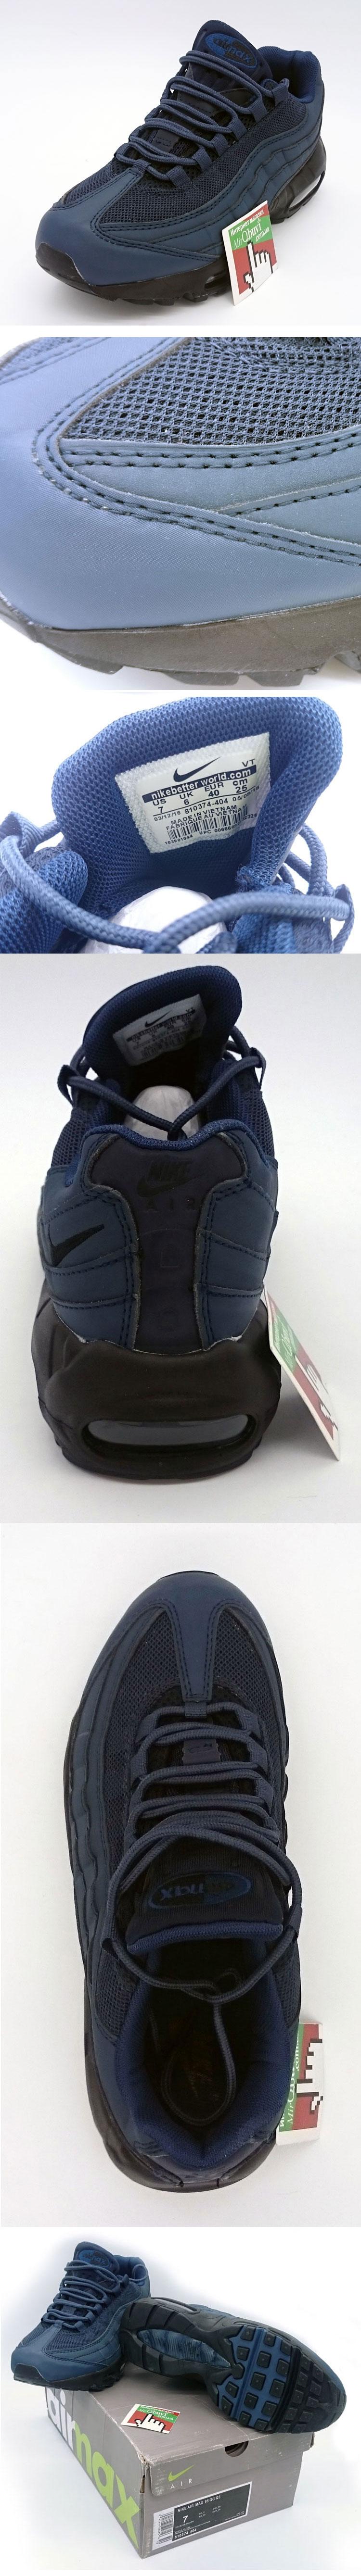 большое фото №5 Nike air max 95 темно синие 2